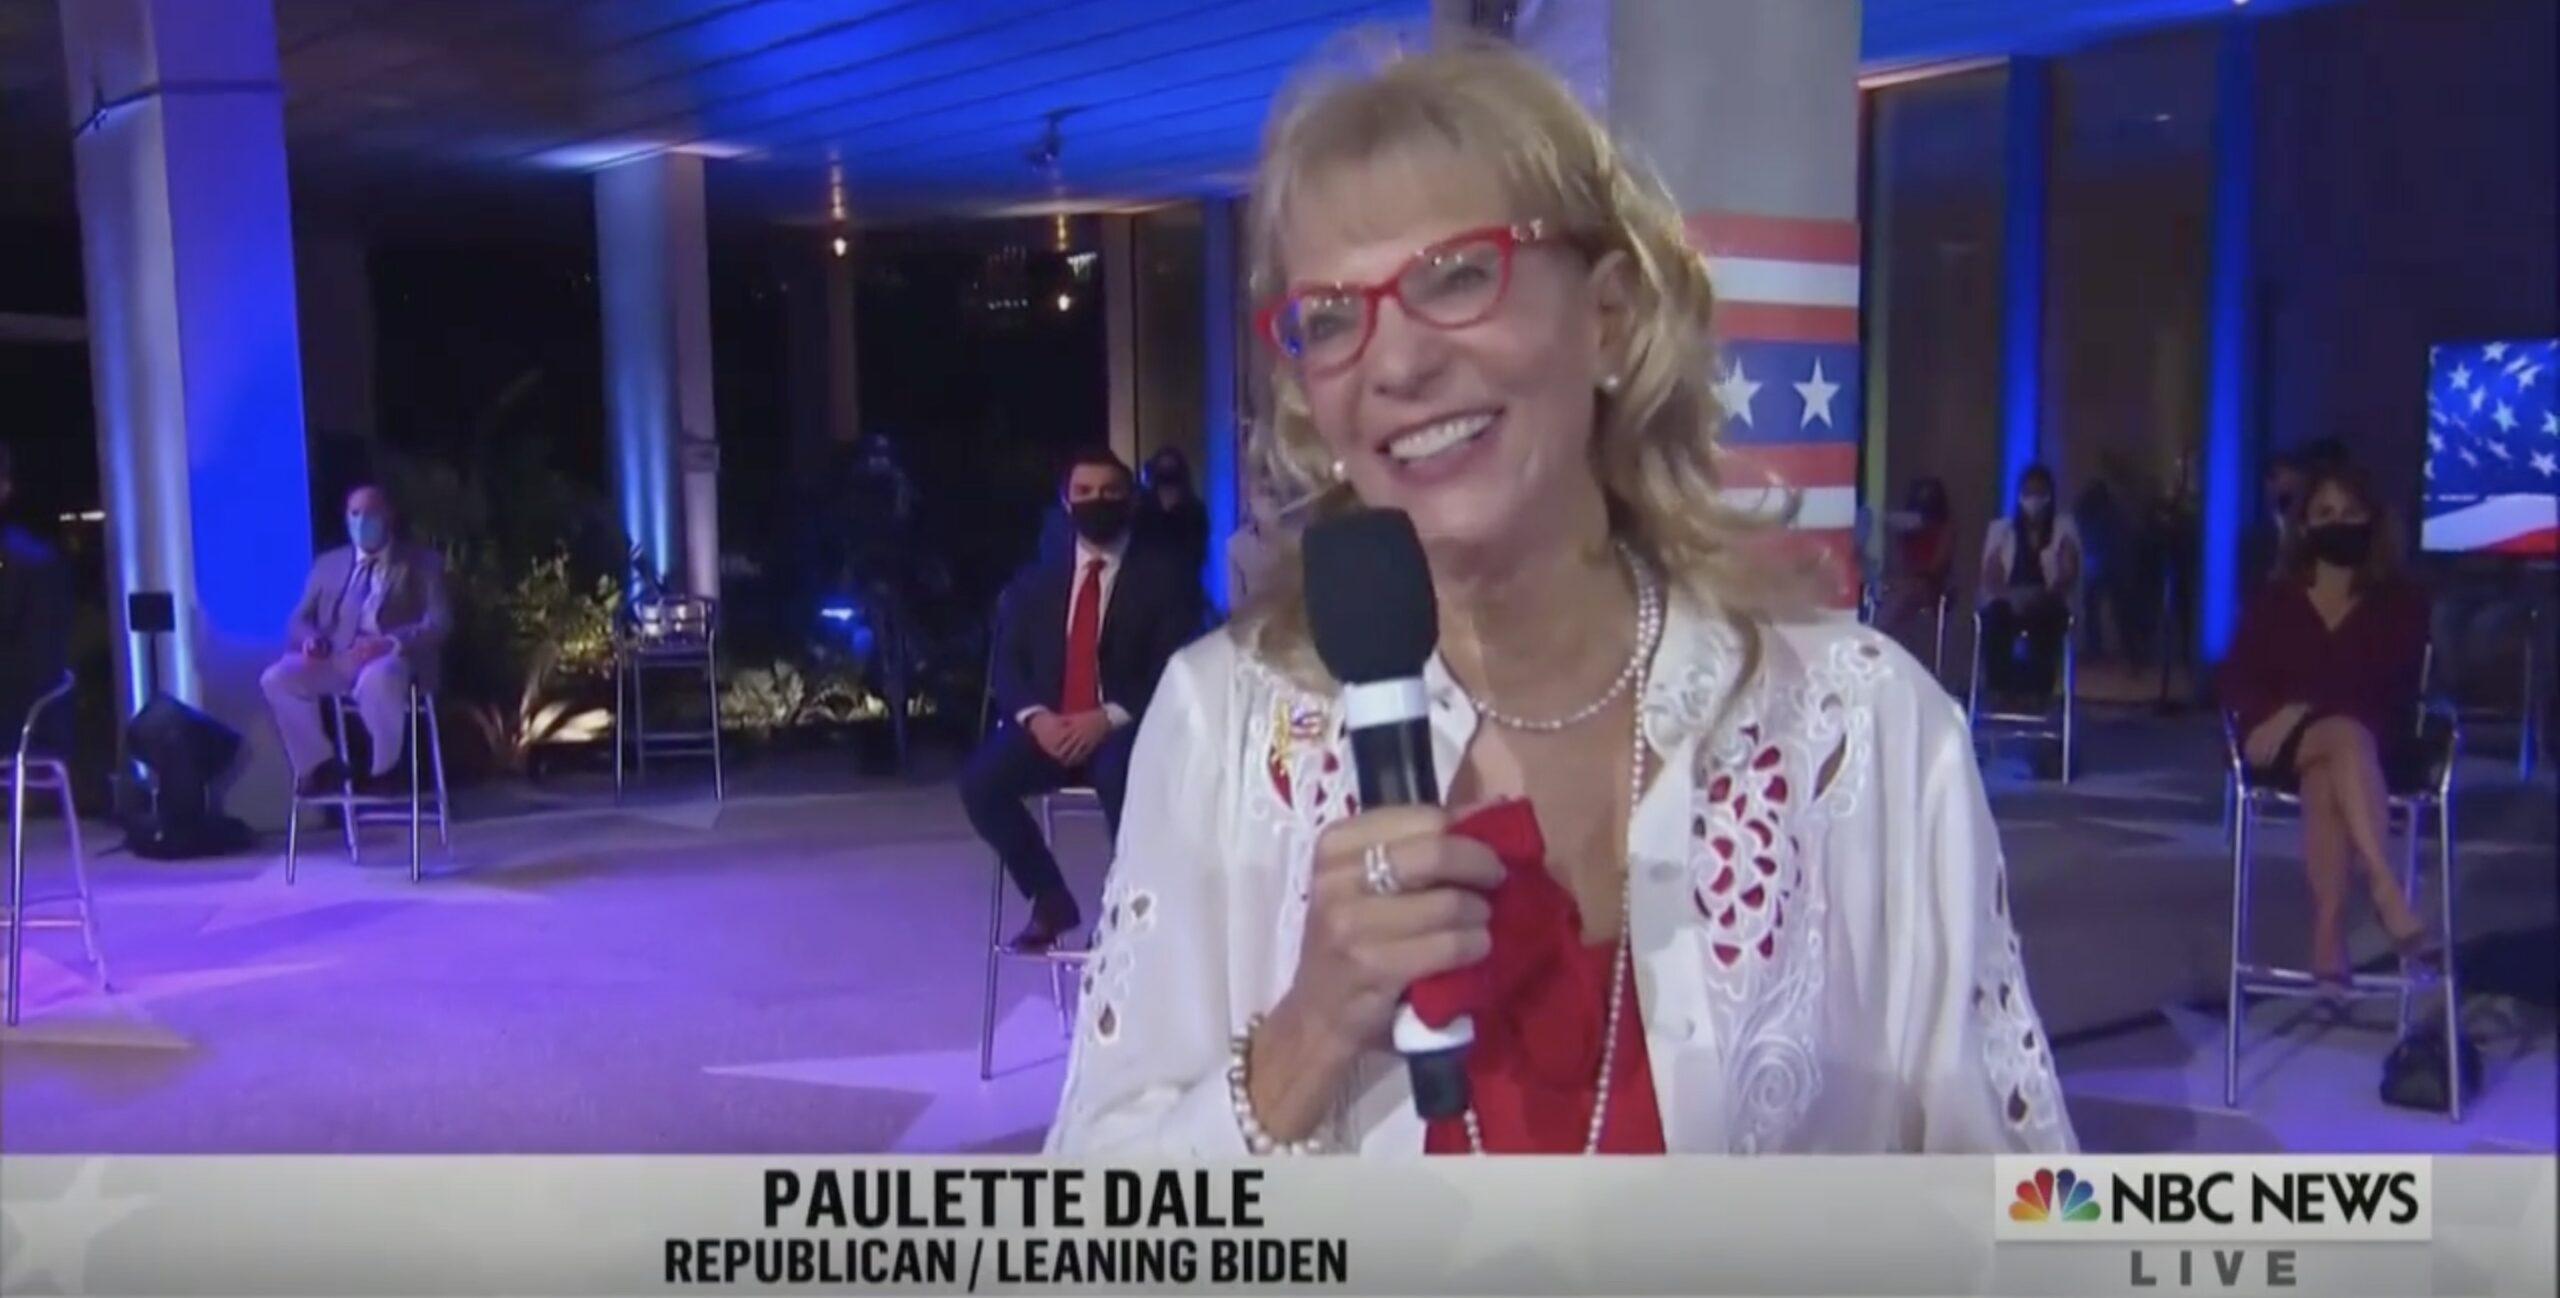 Paulette Dale